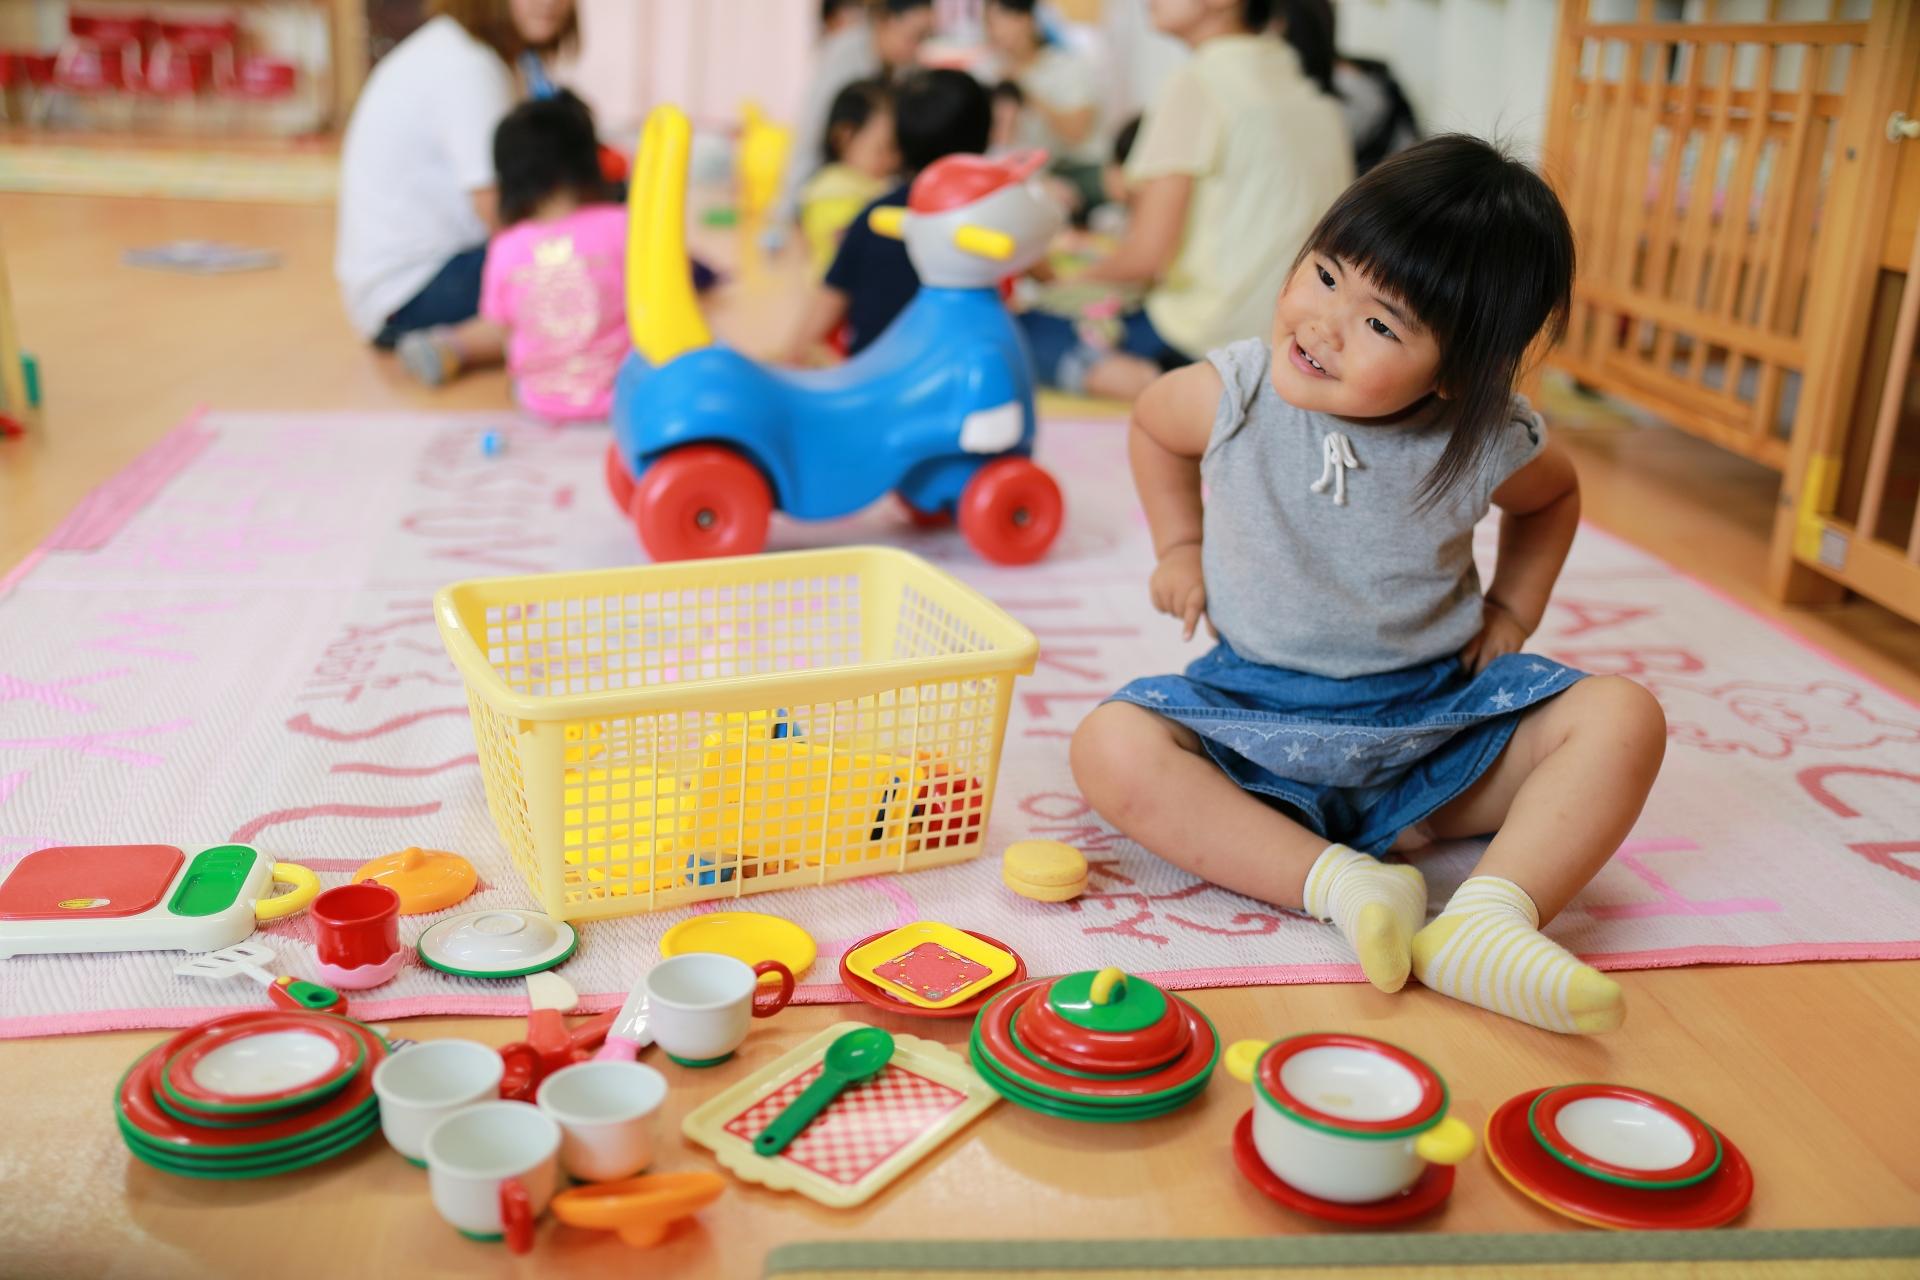 保育園で遊ぶ子供